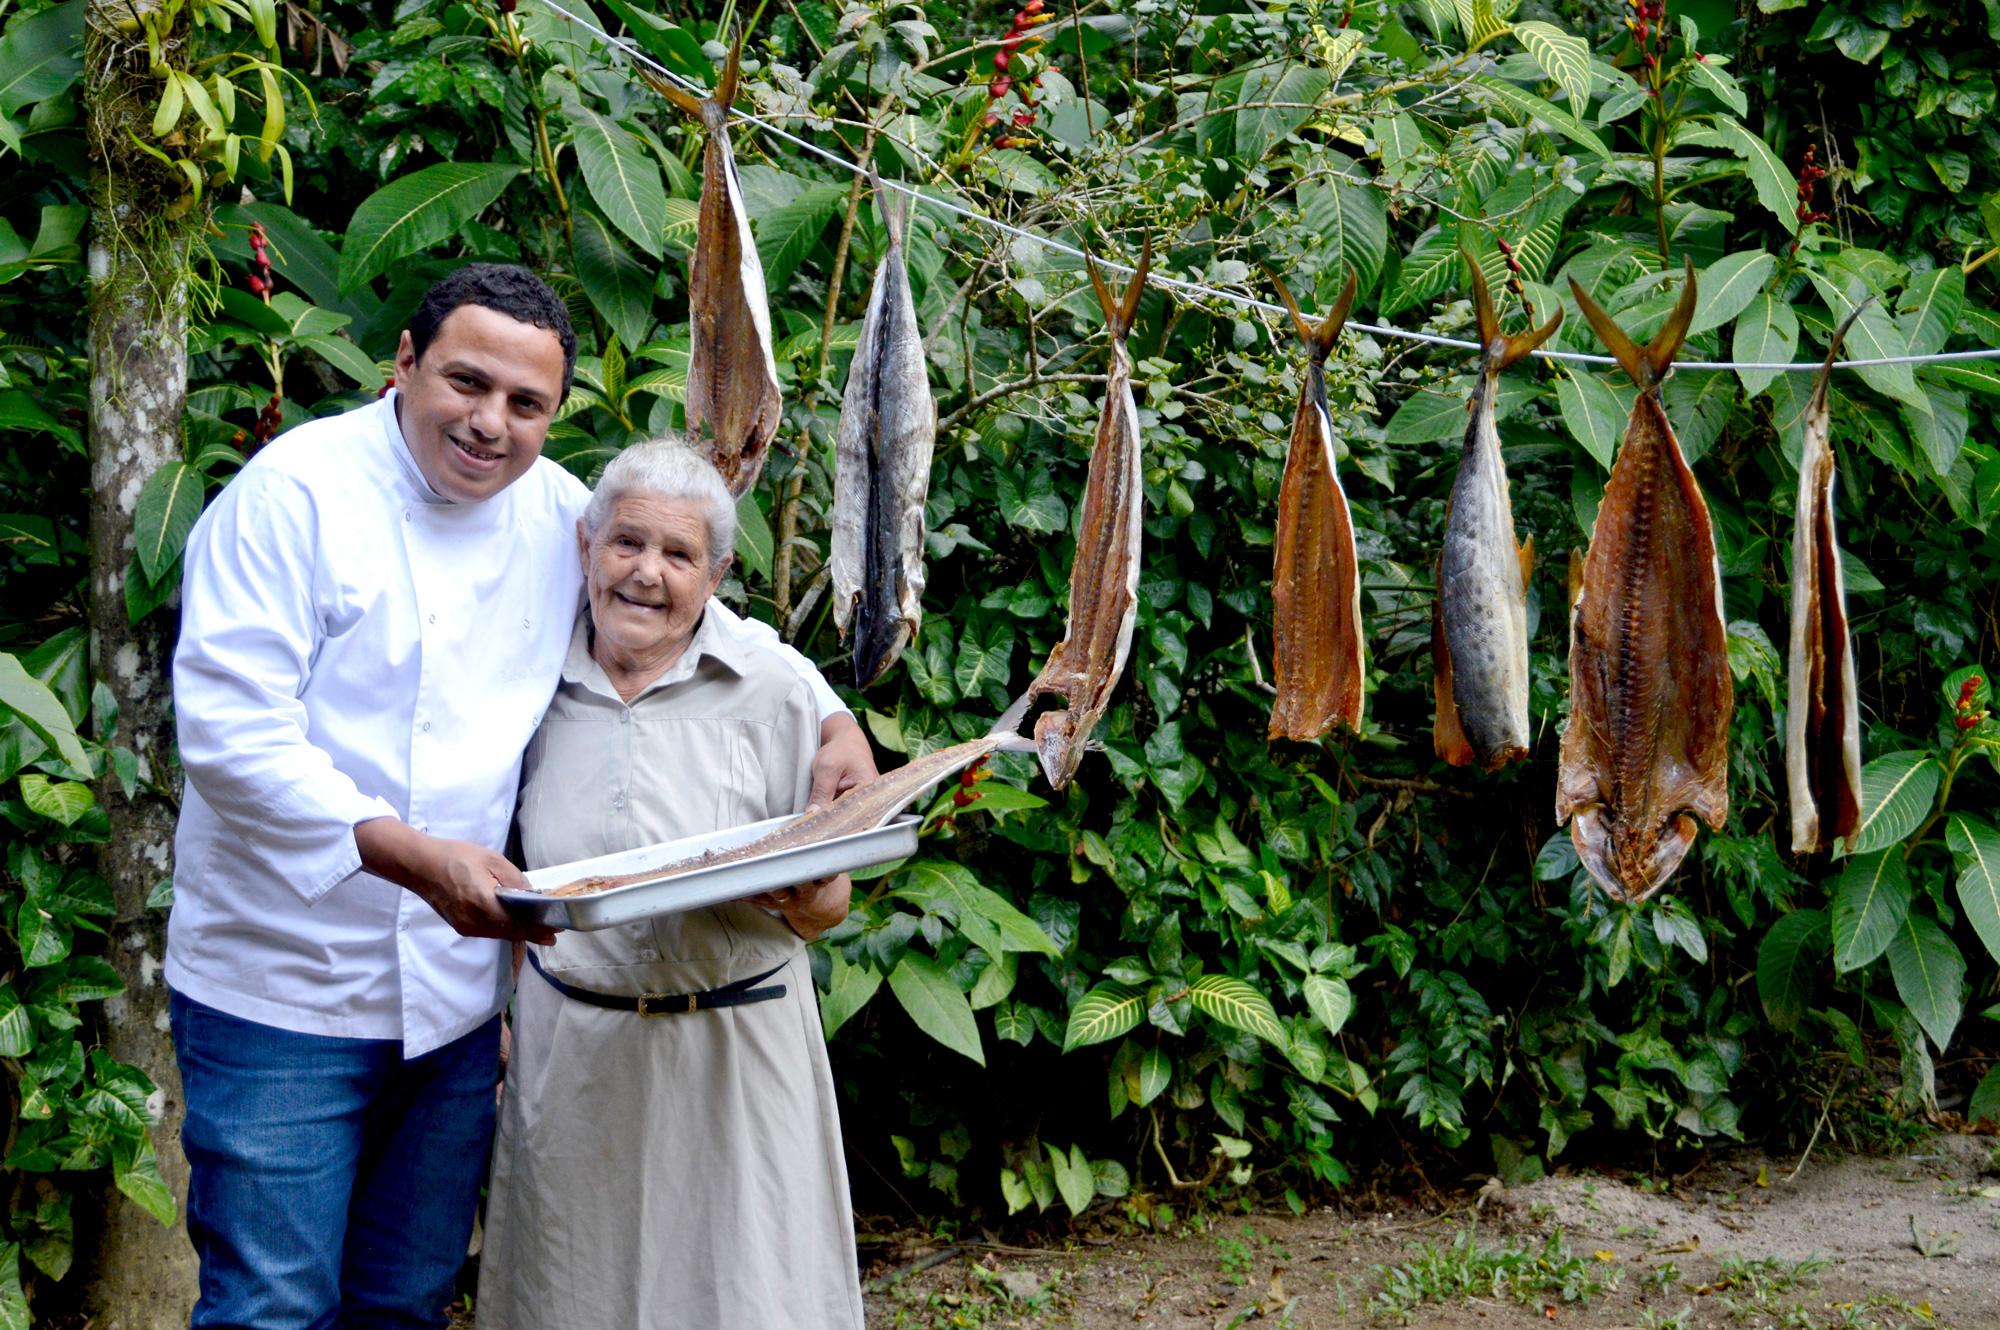 Chef Eudes e sua mãe, Madá, secando peixe no varal, técnica que preserva o pescado.